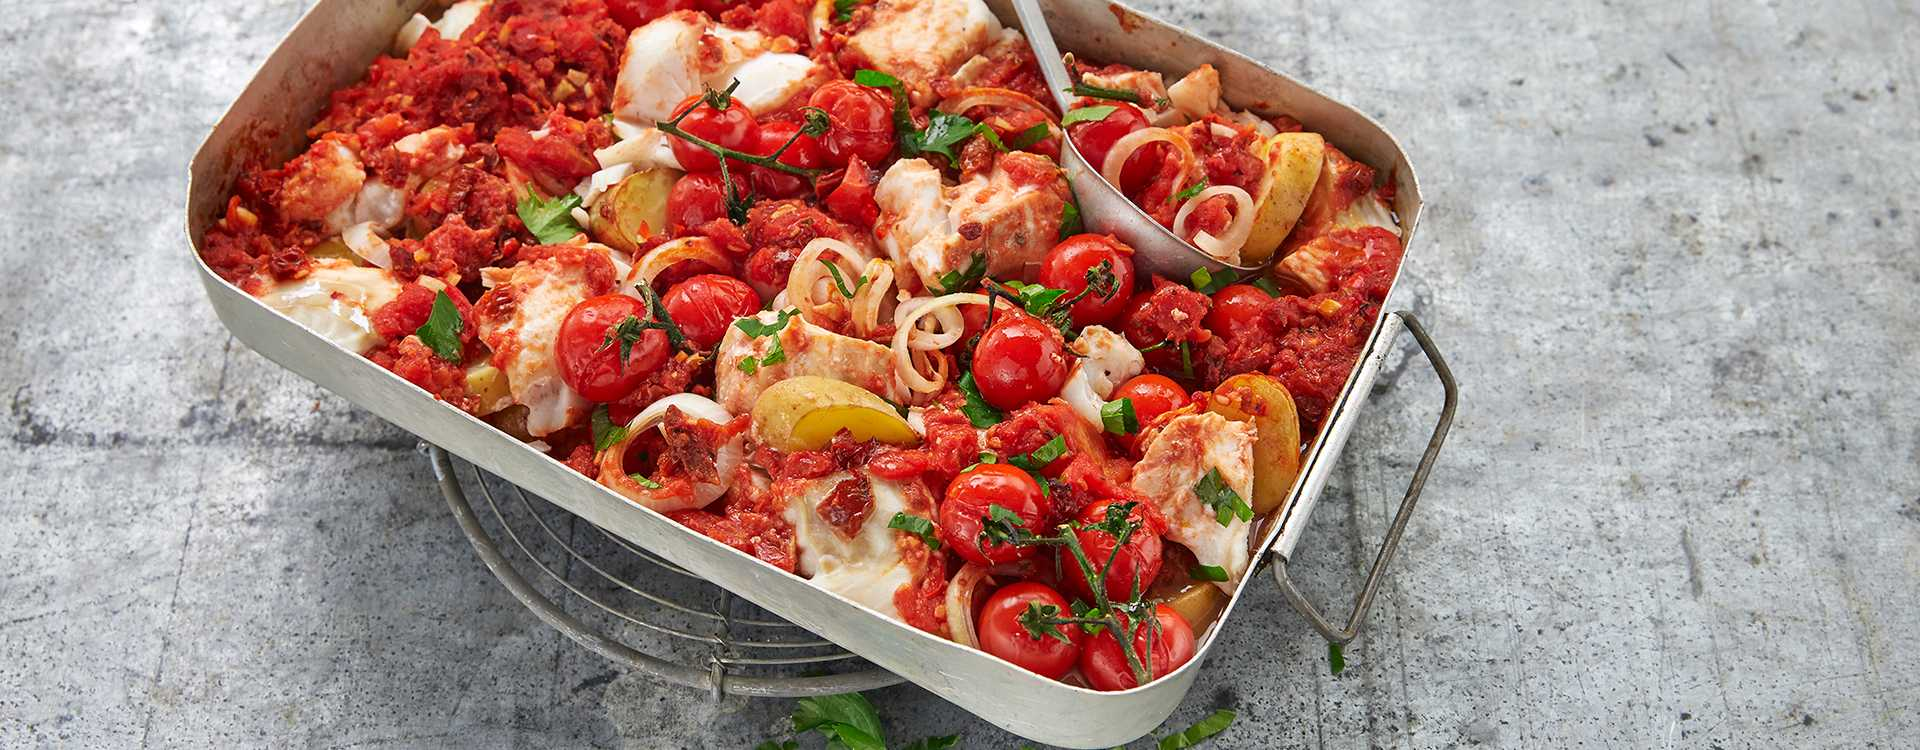 Skrei i sterk tomatsaus